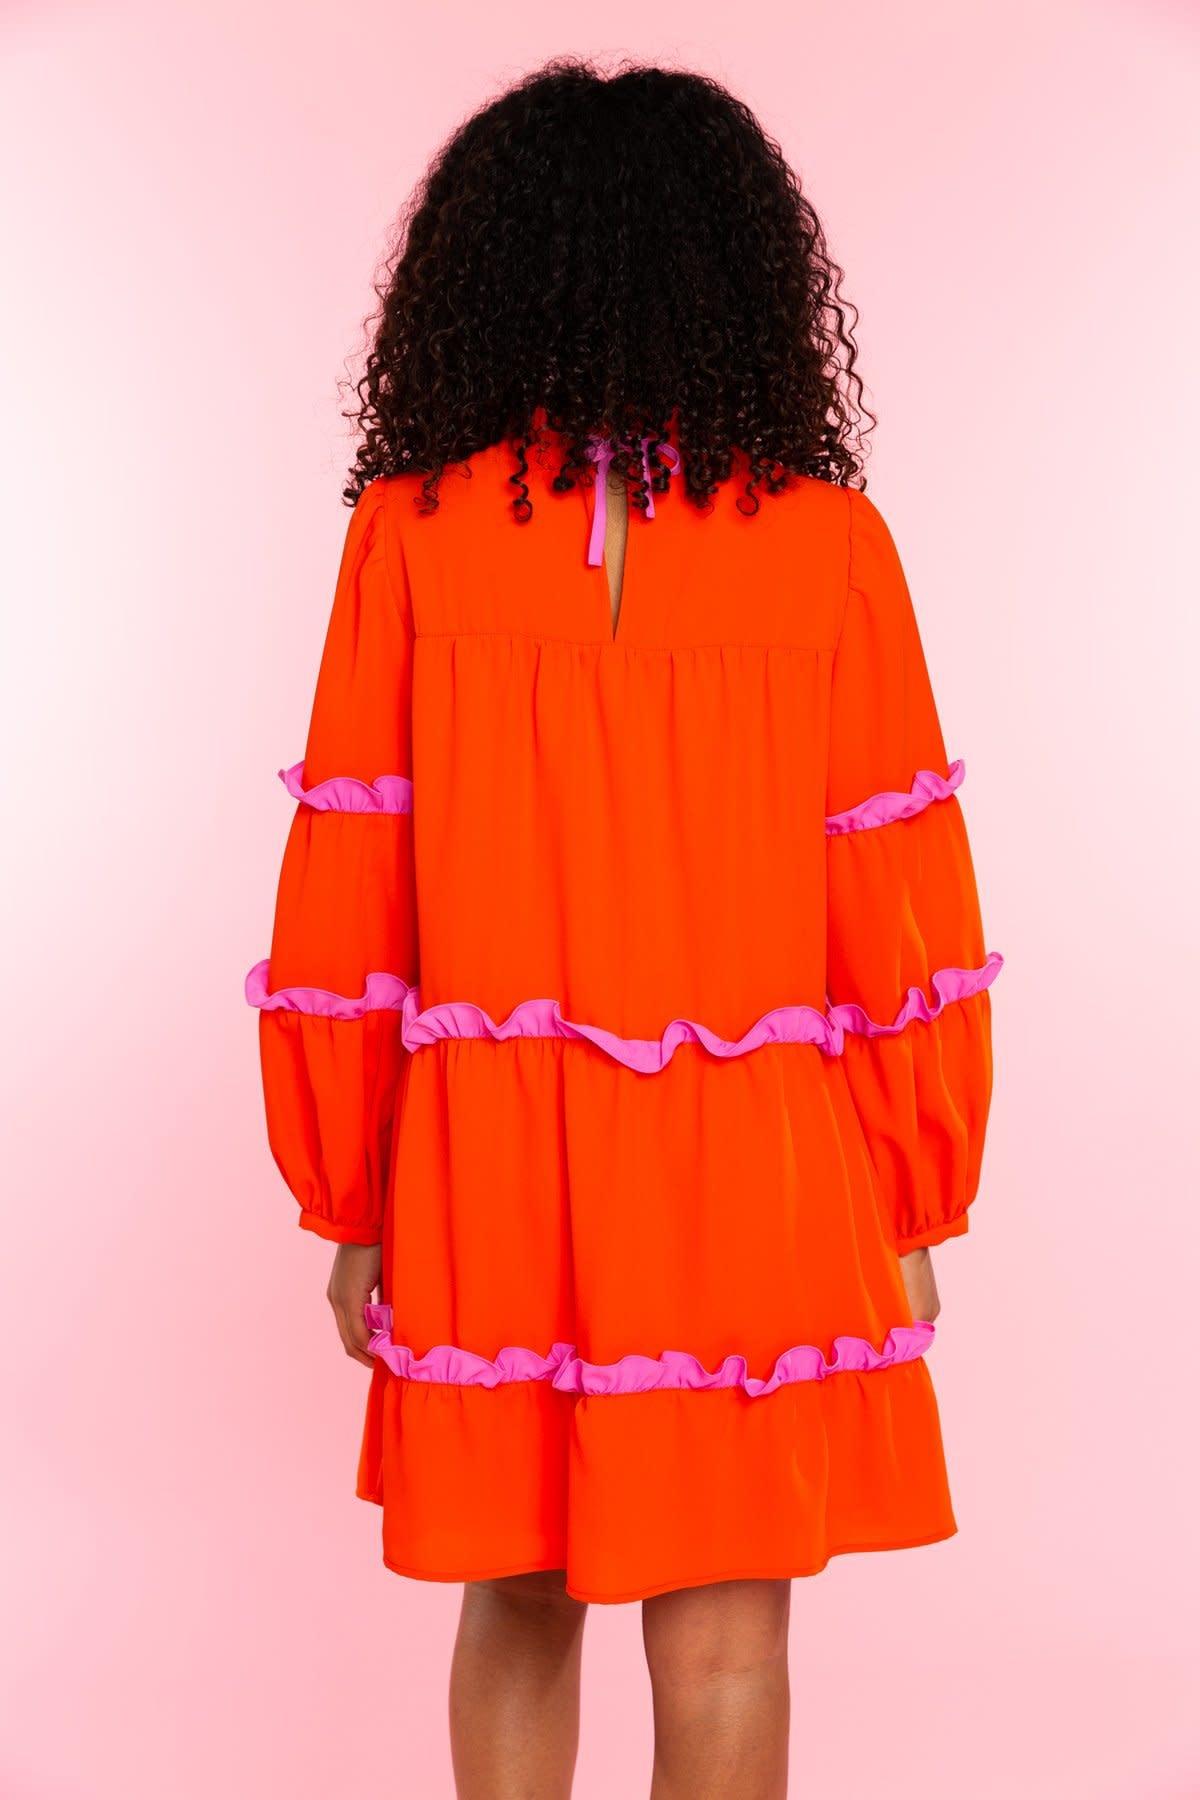 Crosby By Mollie Burch Darby Dress in Fiery Red